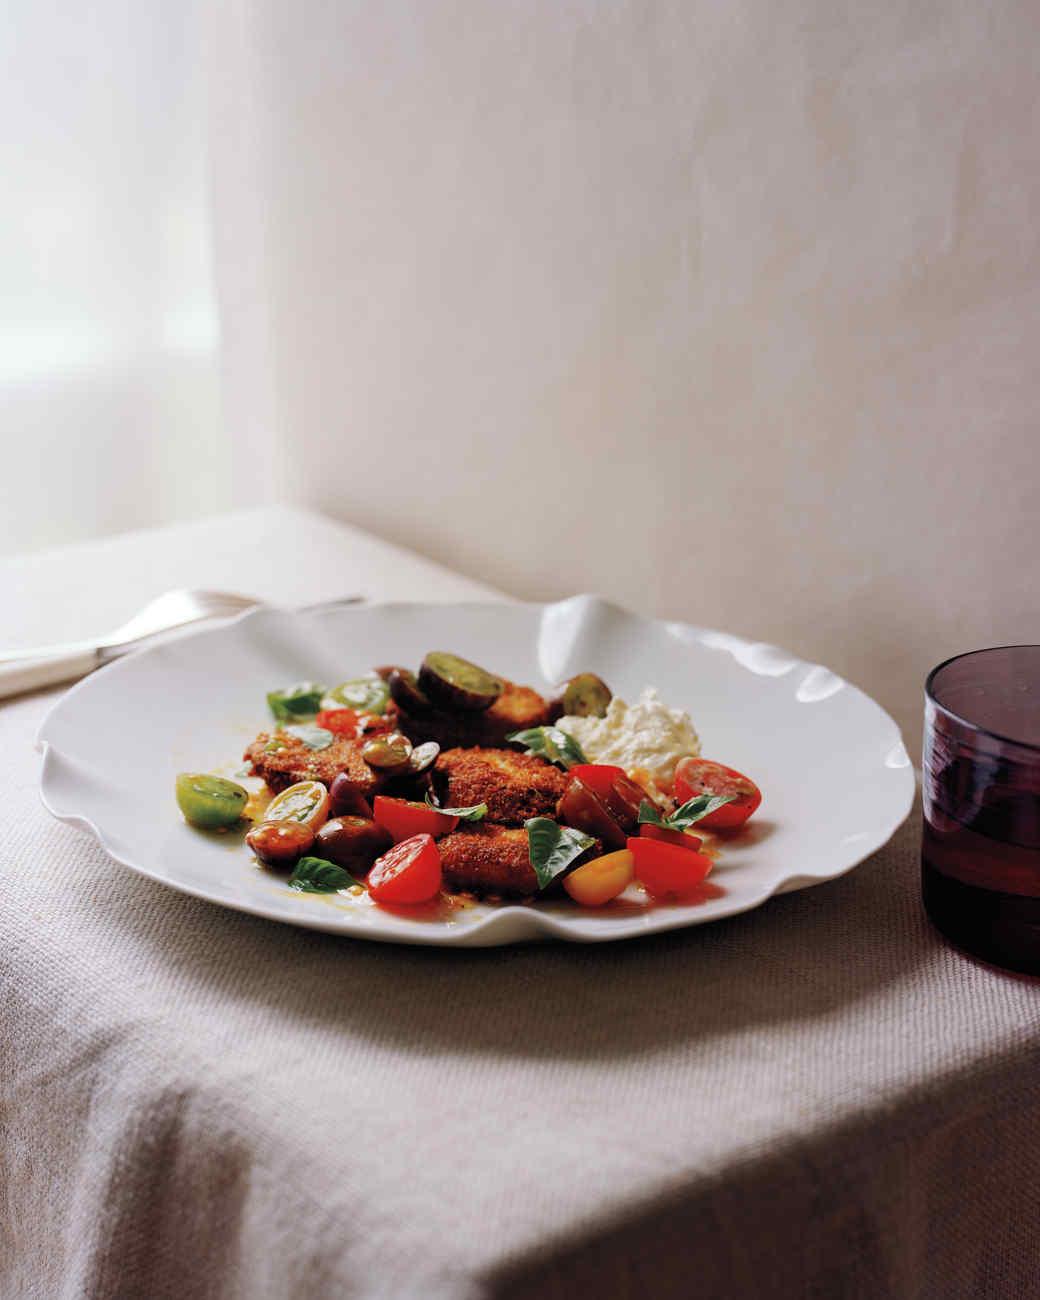 tomatoes-fried-eggplant-burrata-md109341.jpg